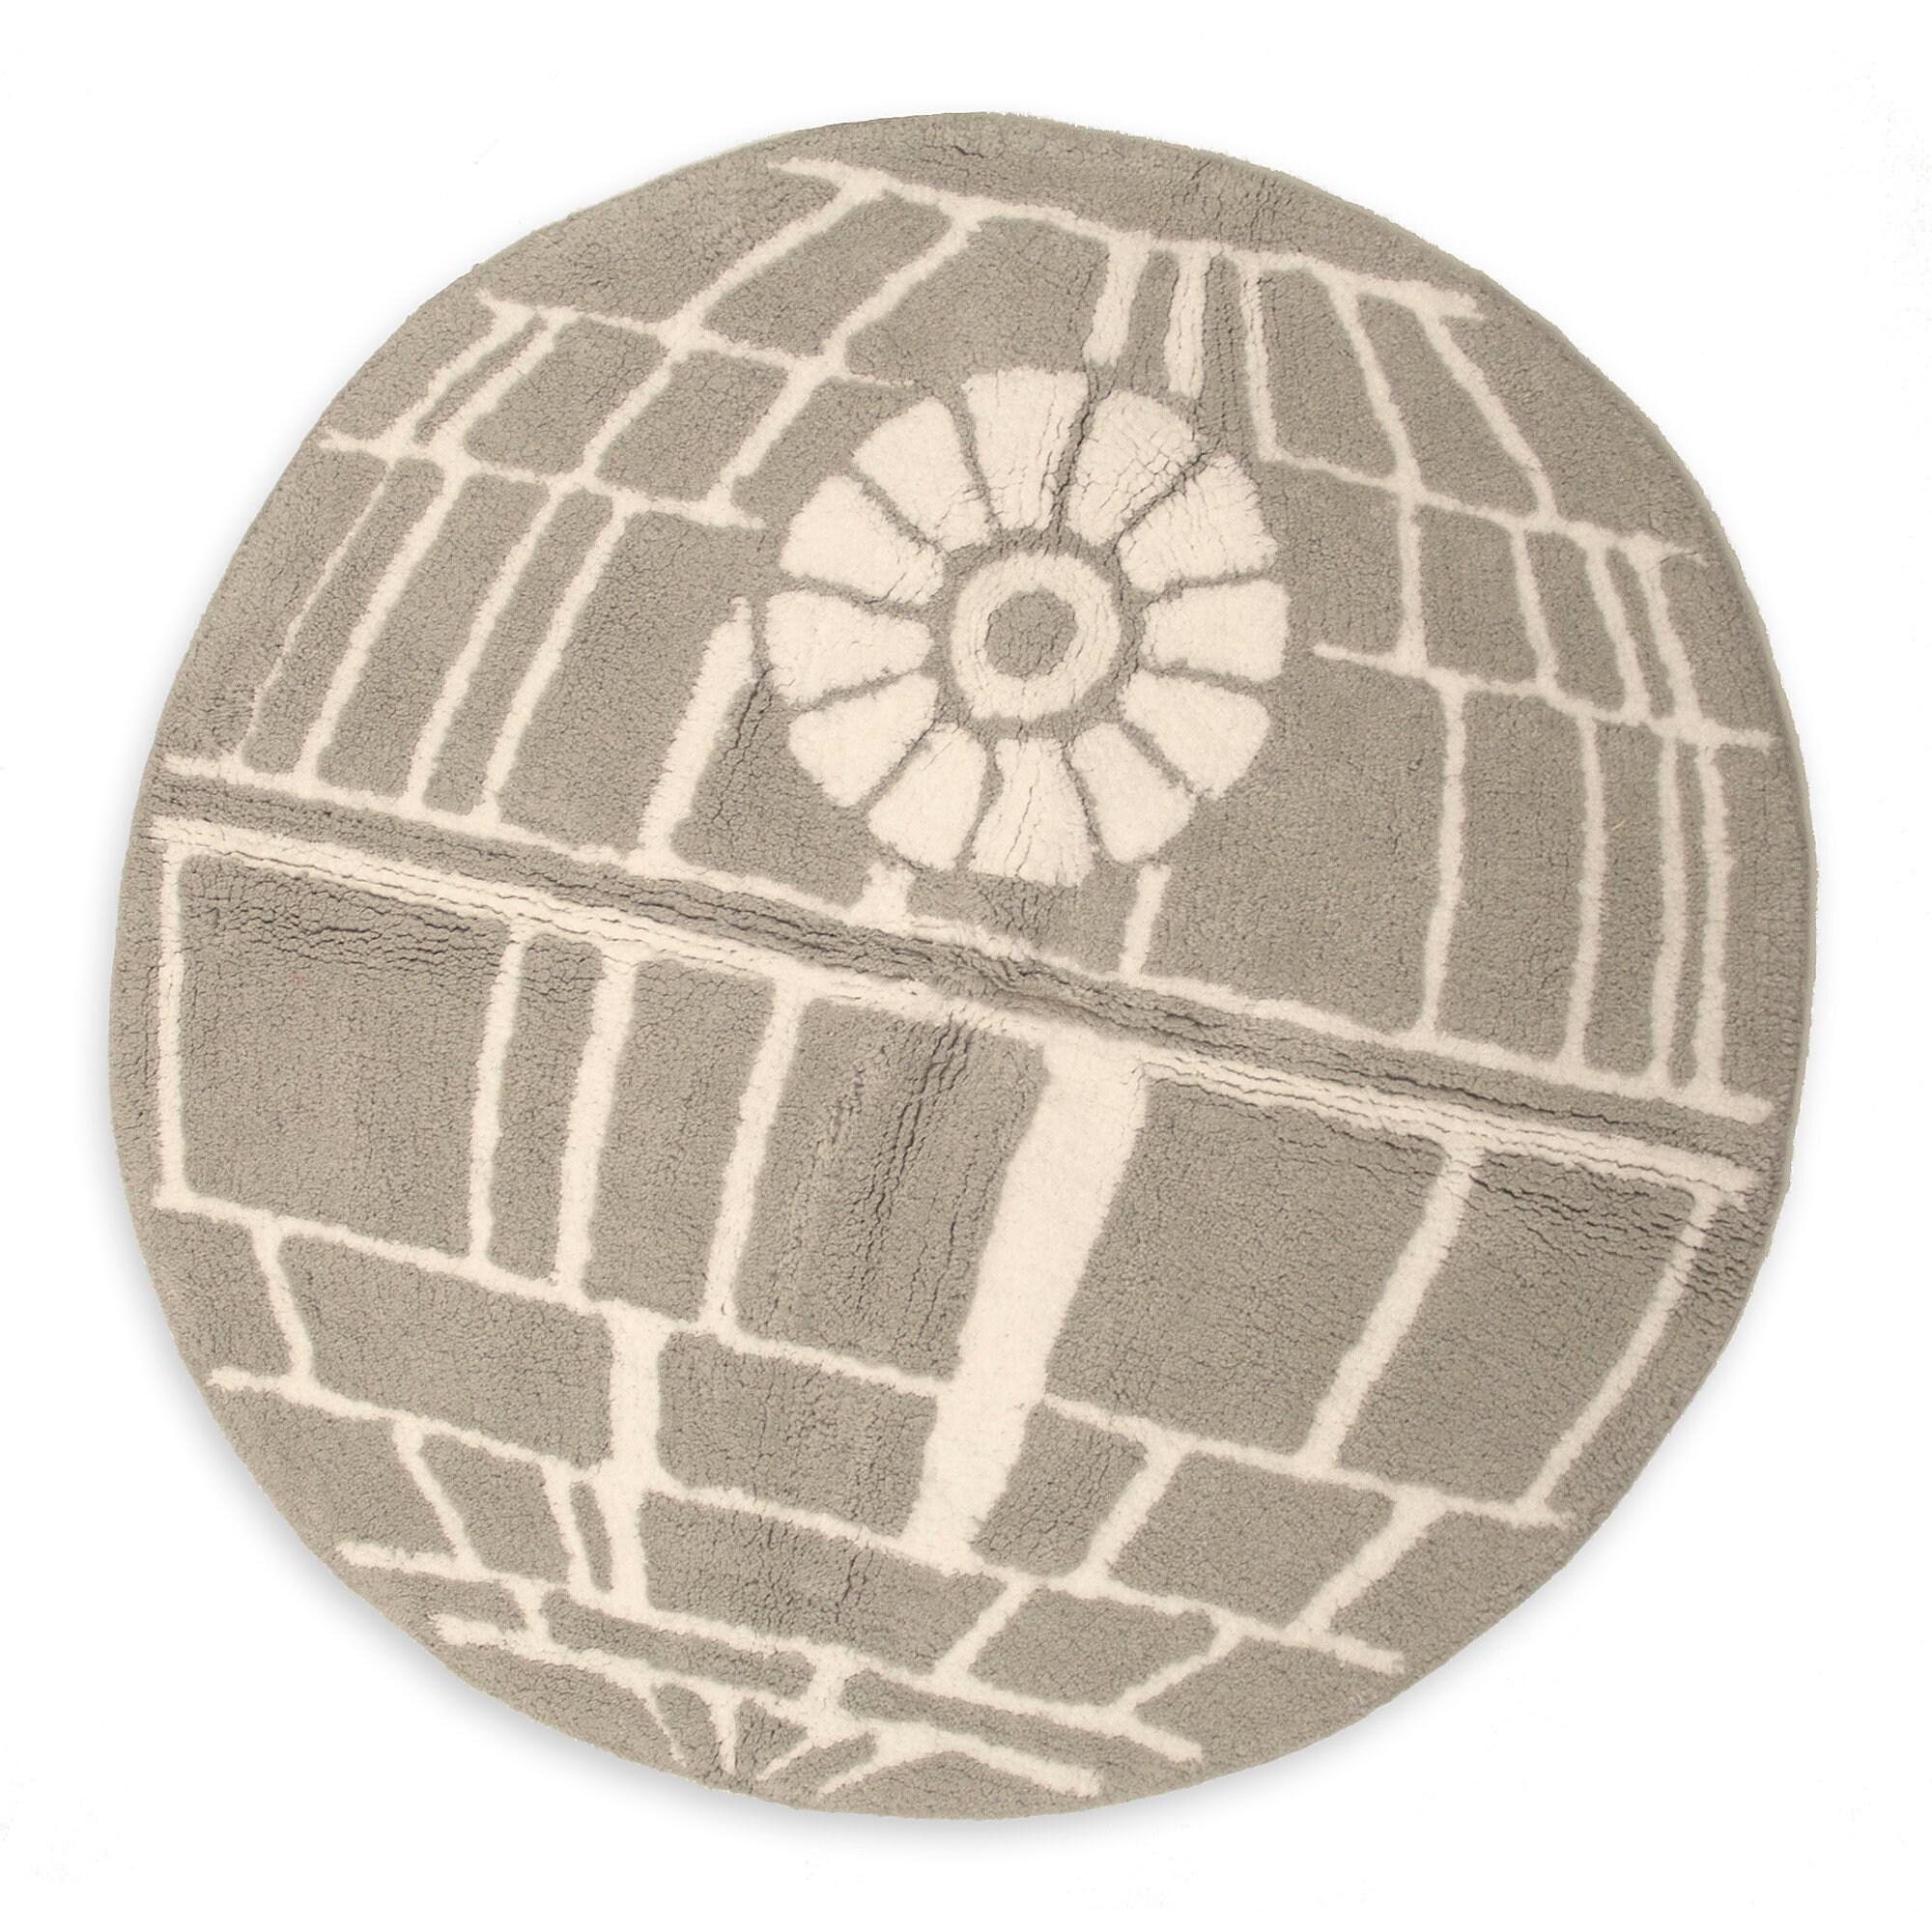 Star Wars Death Star Bath Rug